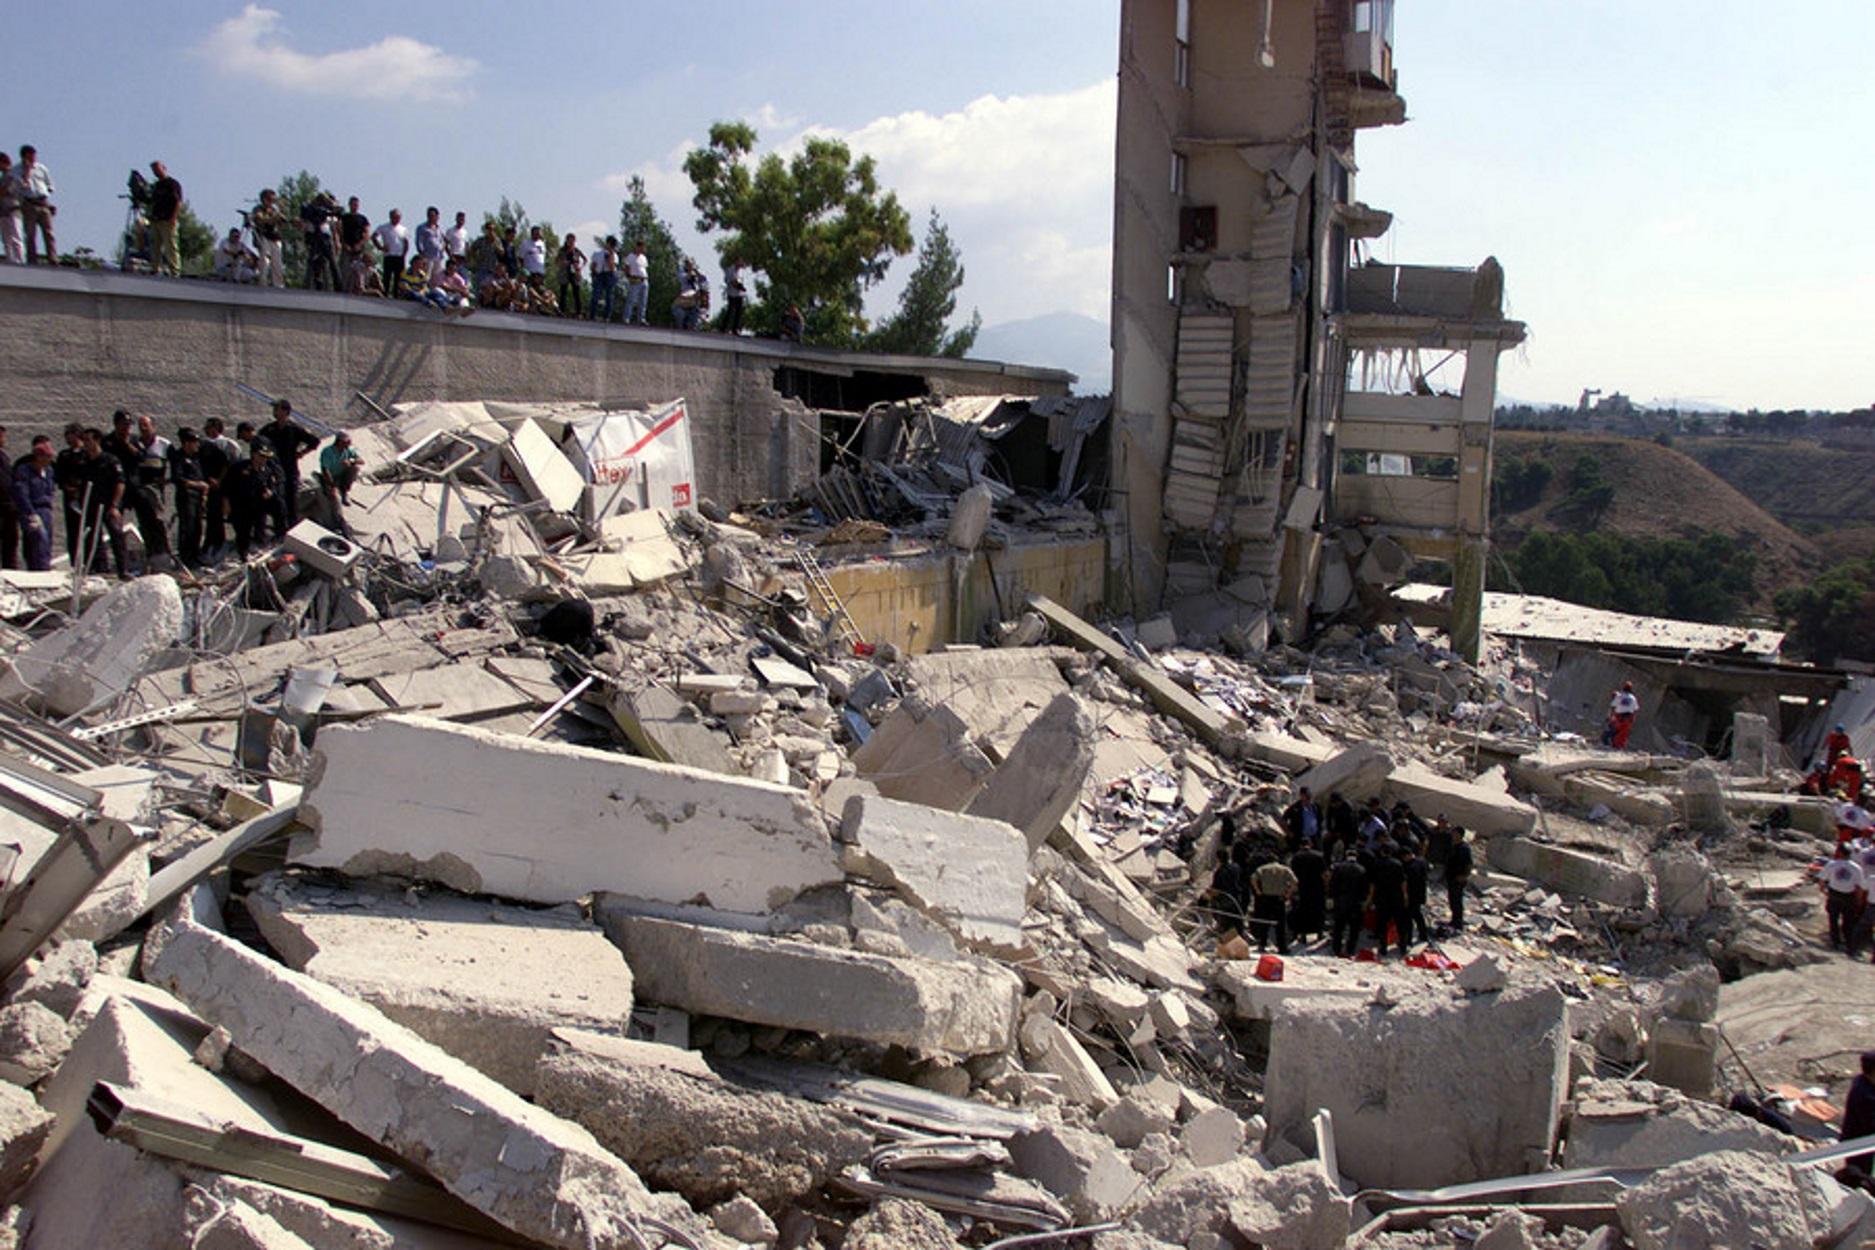 Παπαδόπουλος: Το ρήγμα της Πάρνηθας θα δώσει νέους ισχυρούς σεισμούς